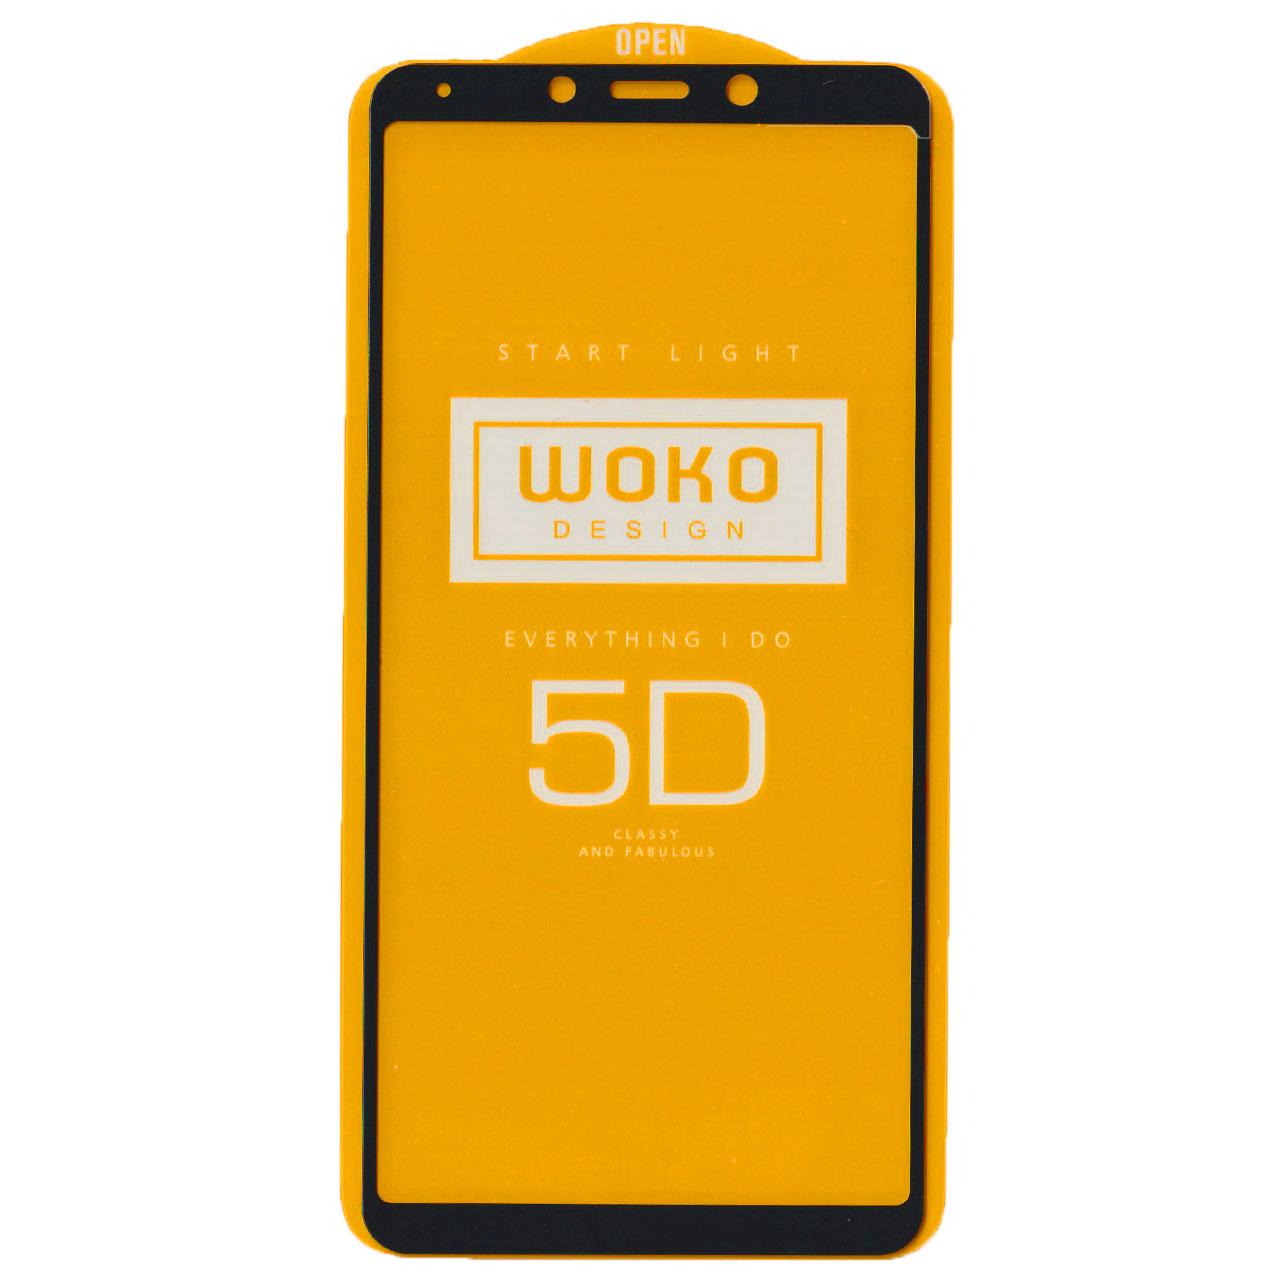 محافظ صفحه نمایش کوکو مدل 5D مناسب برای گوشی موبایل سامسونگ Samsung A9 2018 / A9 Star Pro